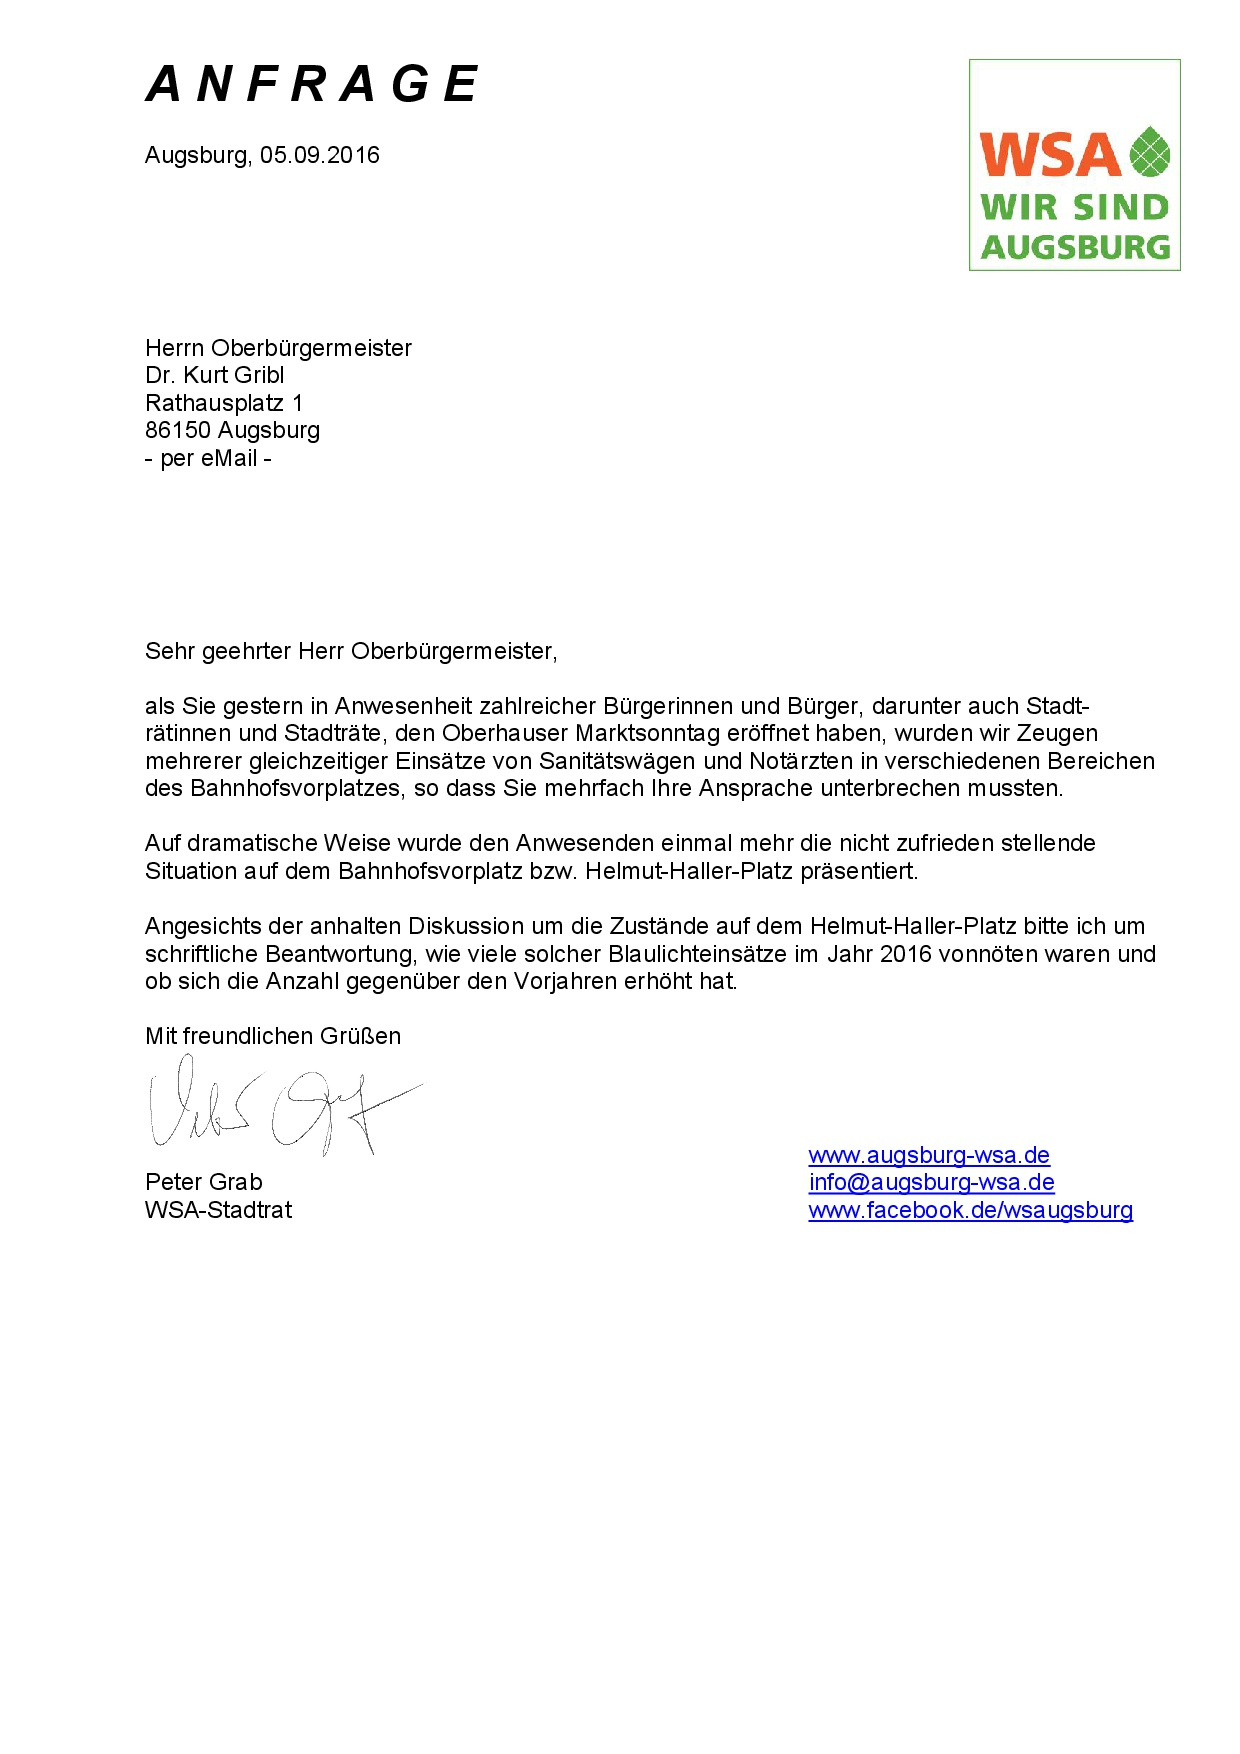 WSA-Anfrage vom 05.09.2016 zu Blaulichteinsätzen auf dem Helmut-Haller-Platz